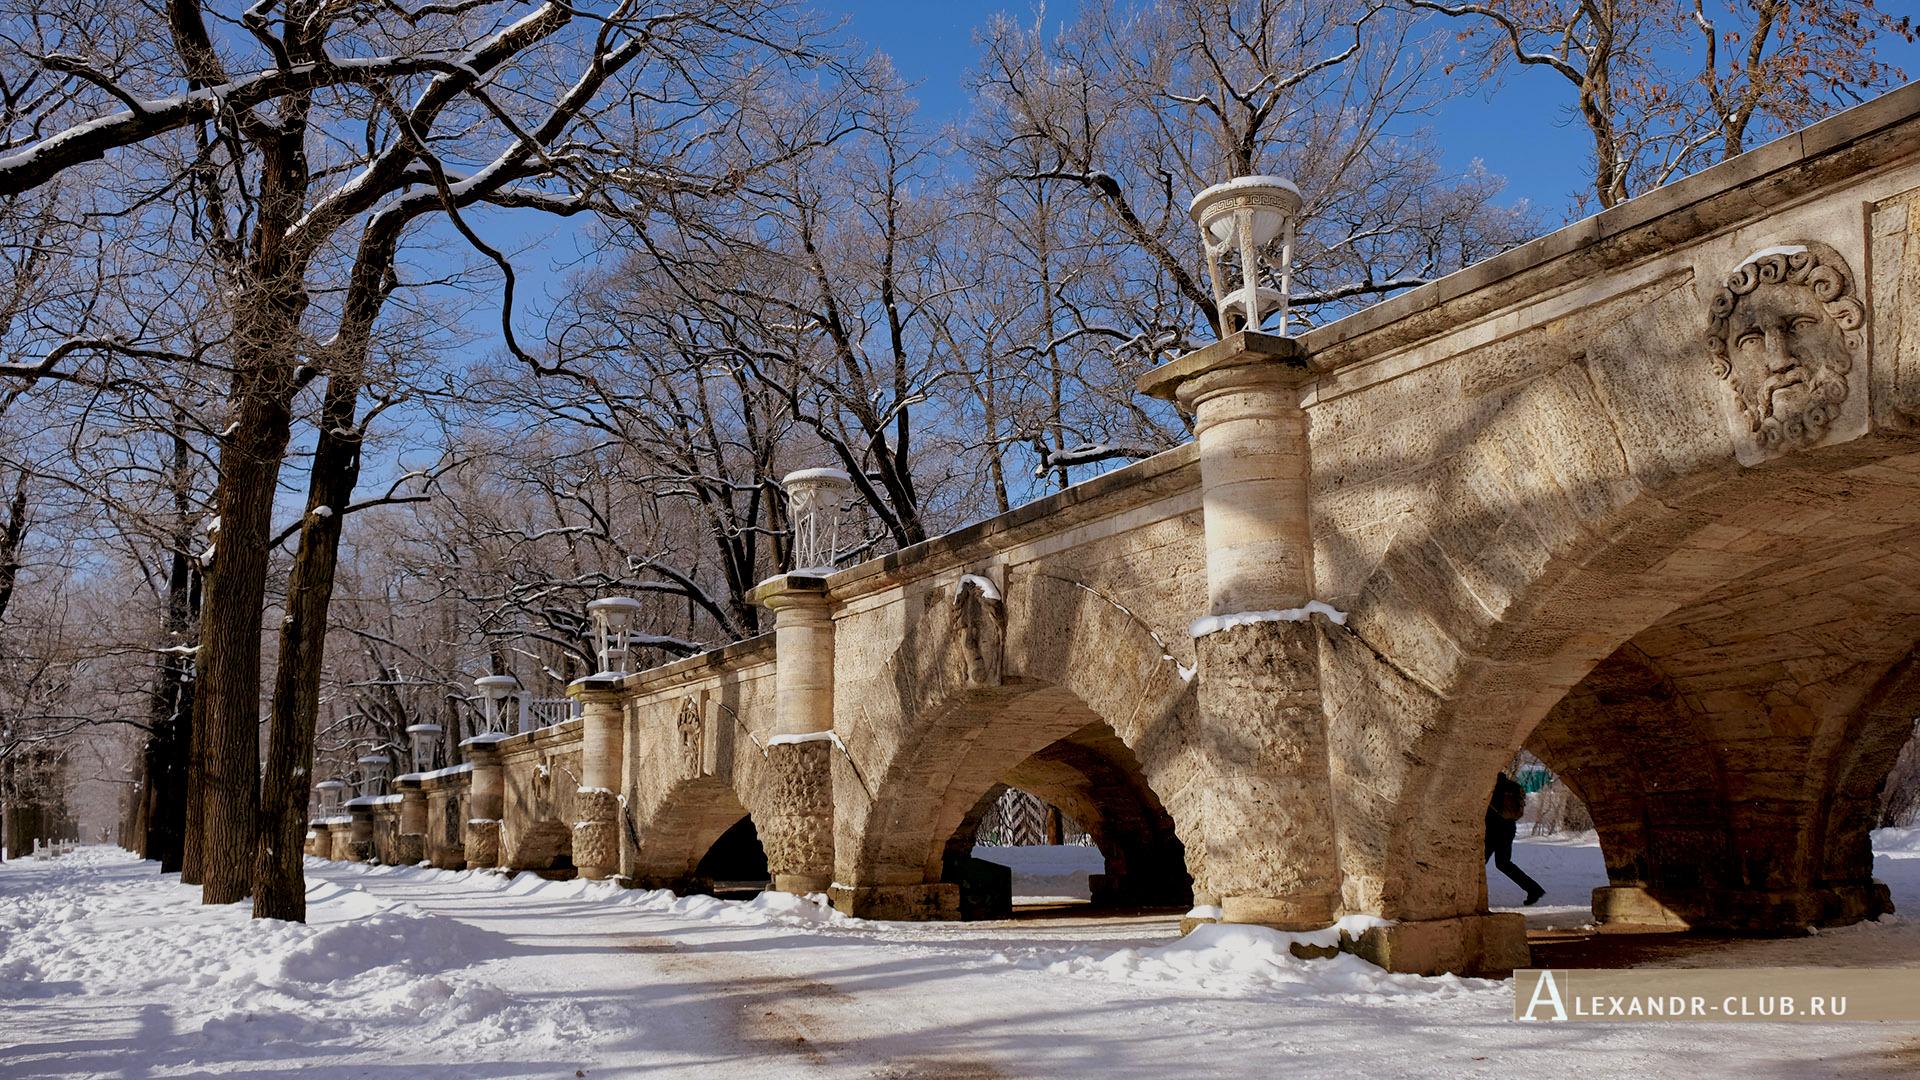 Царское Село, зима, Екатерининский парк, Пандус – 1